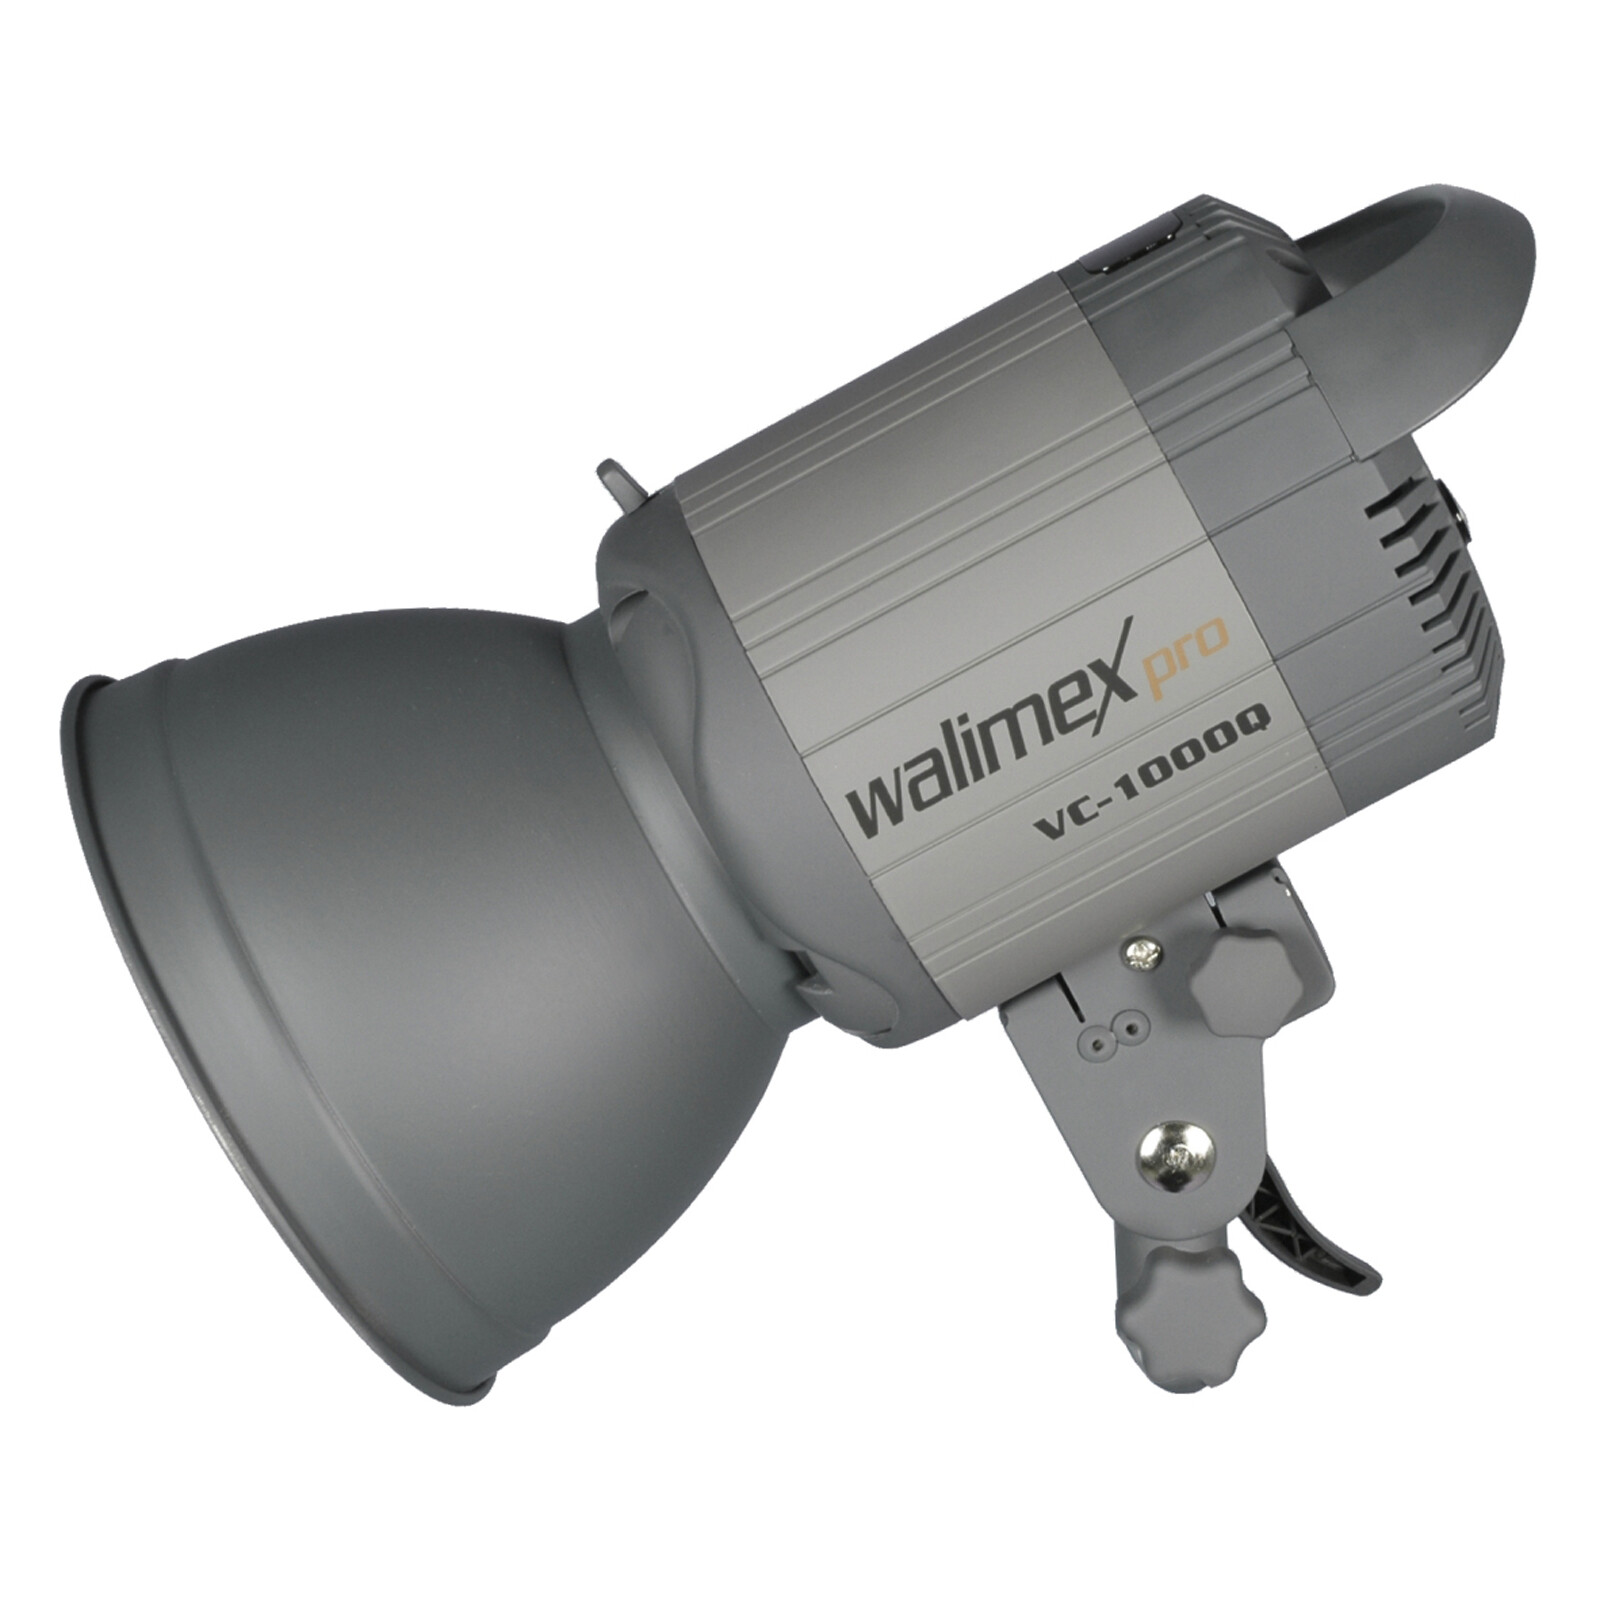 walimex pro Set Quarzlight VC-1000Q/1000Q/1000Q